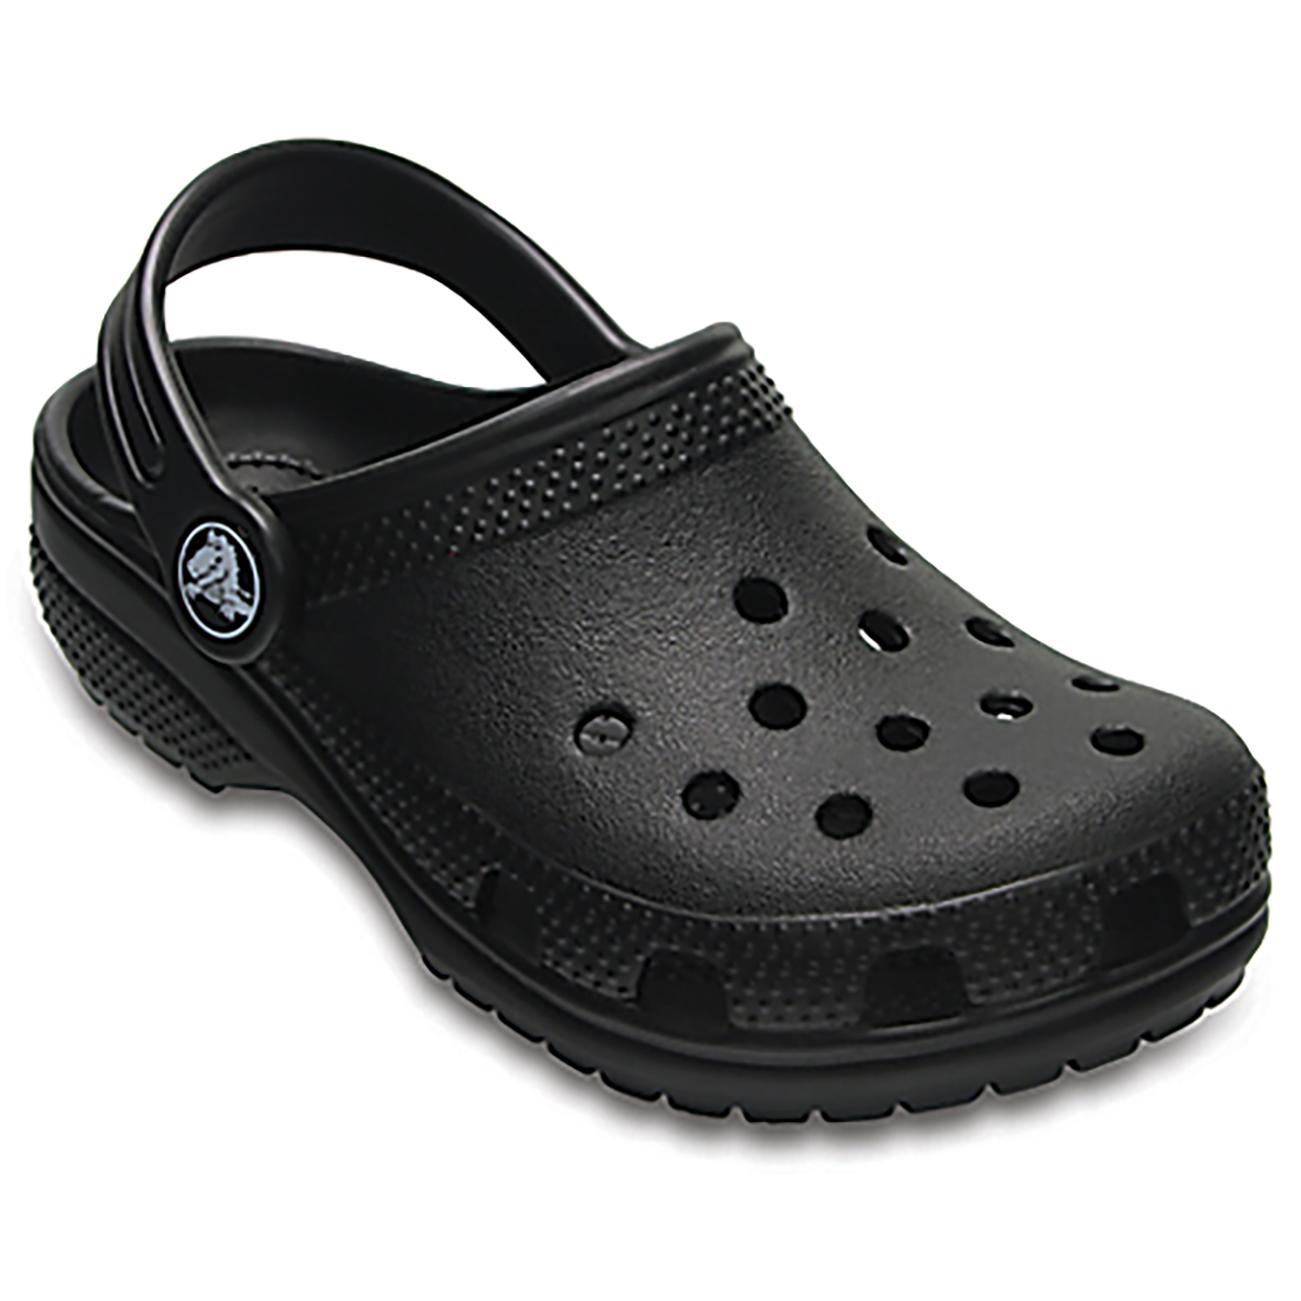 Unisex Kids Crocs Classic Clog